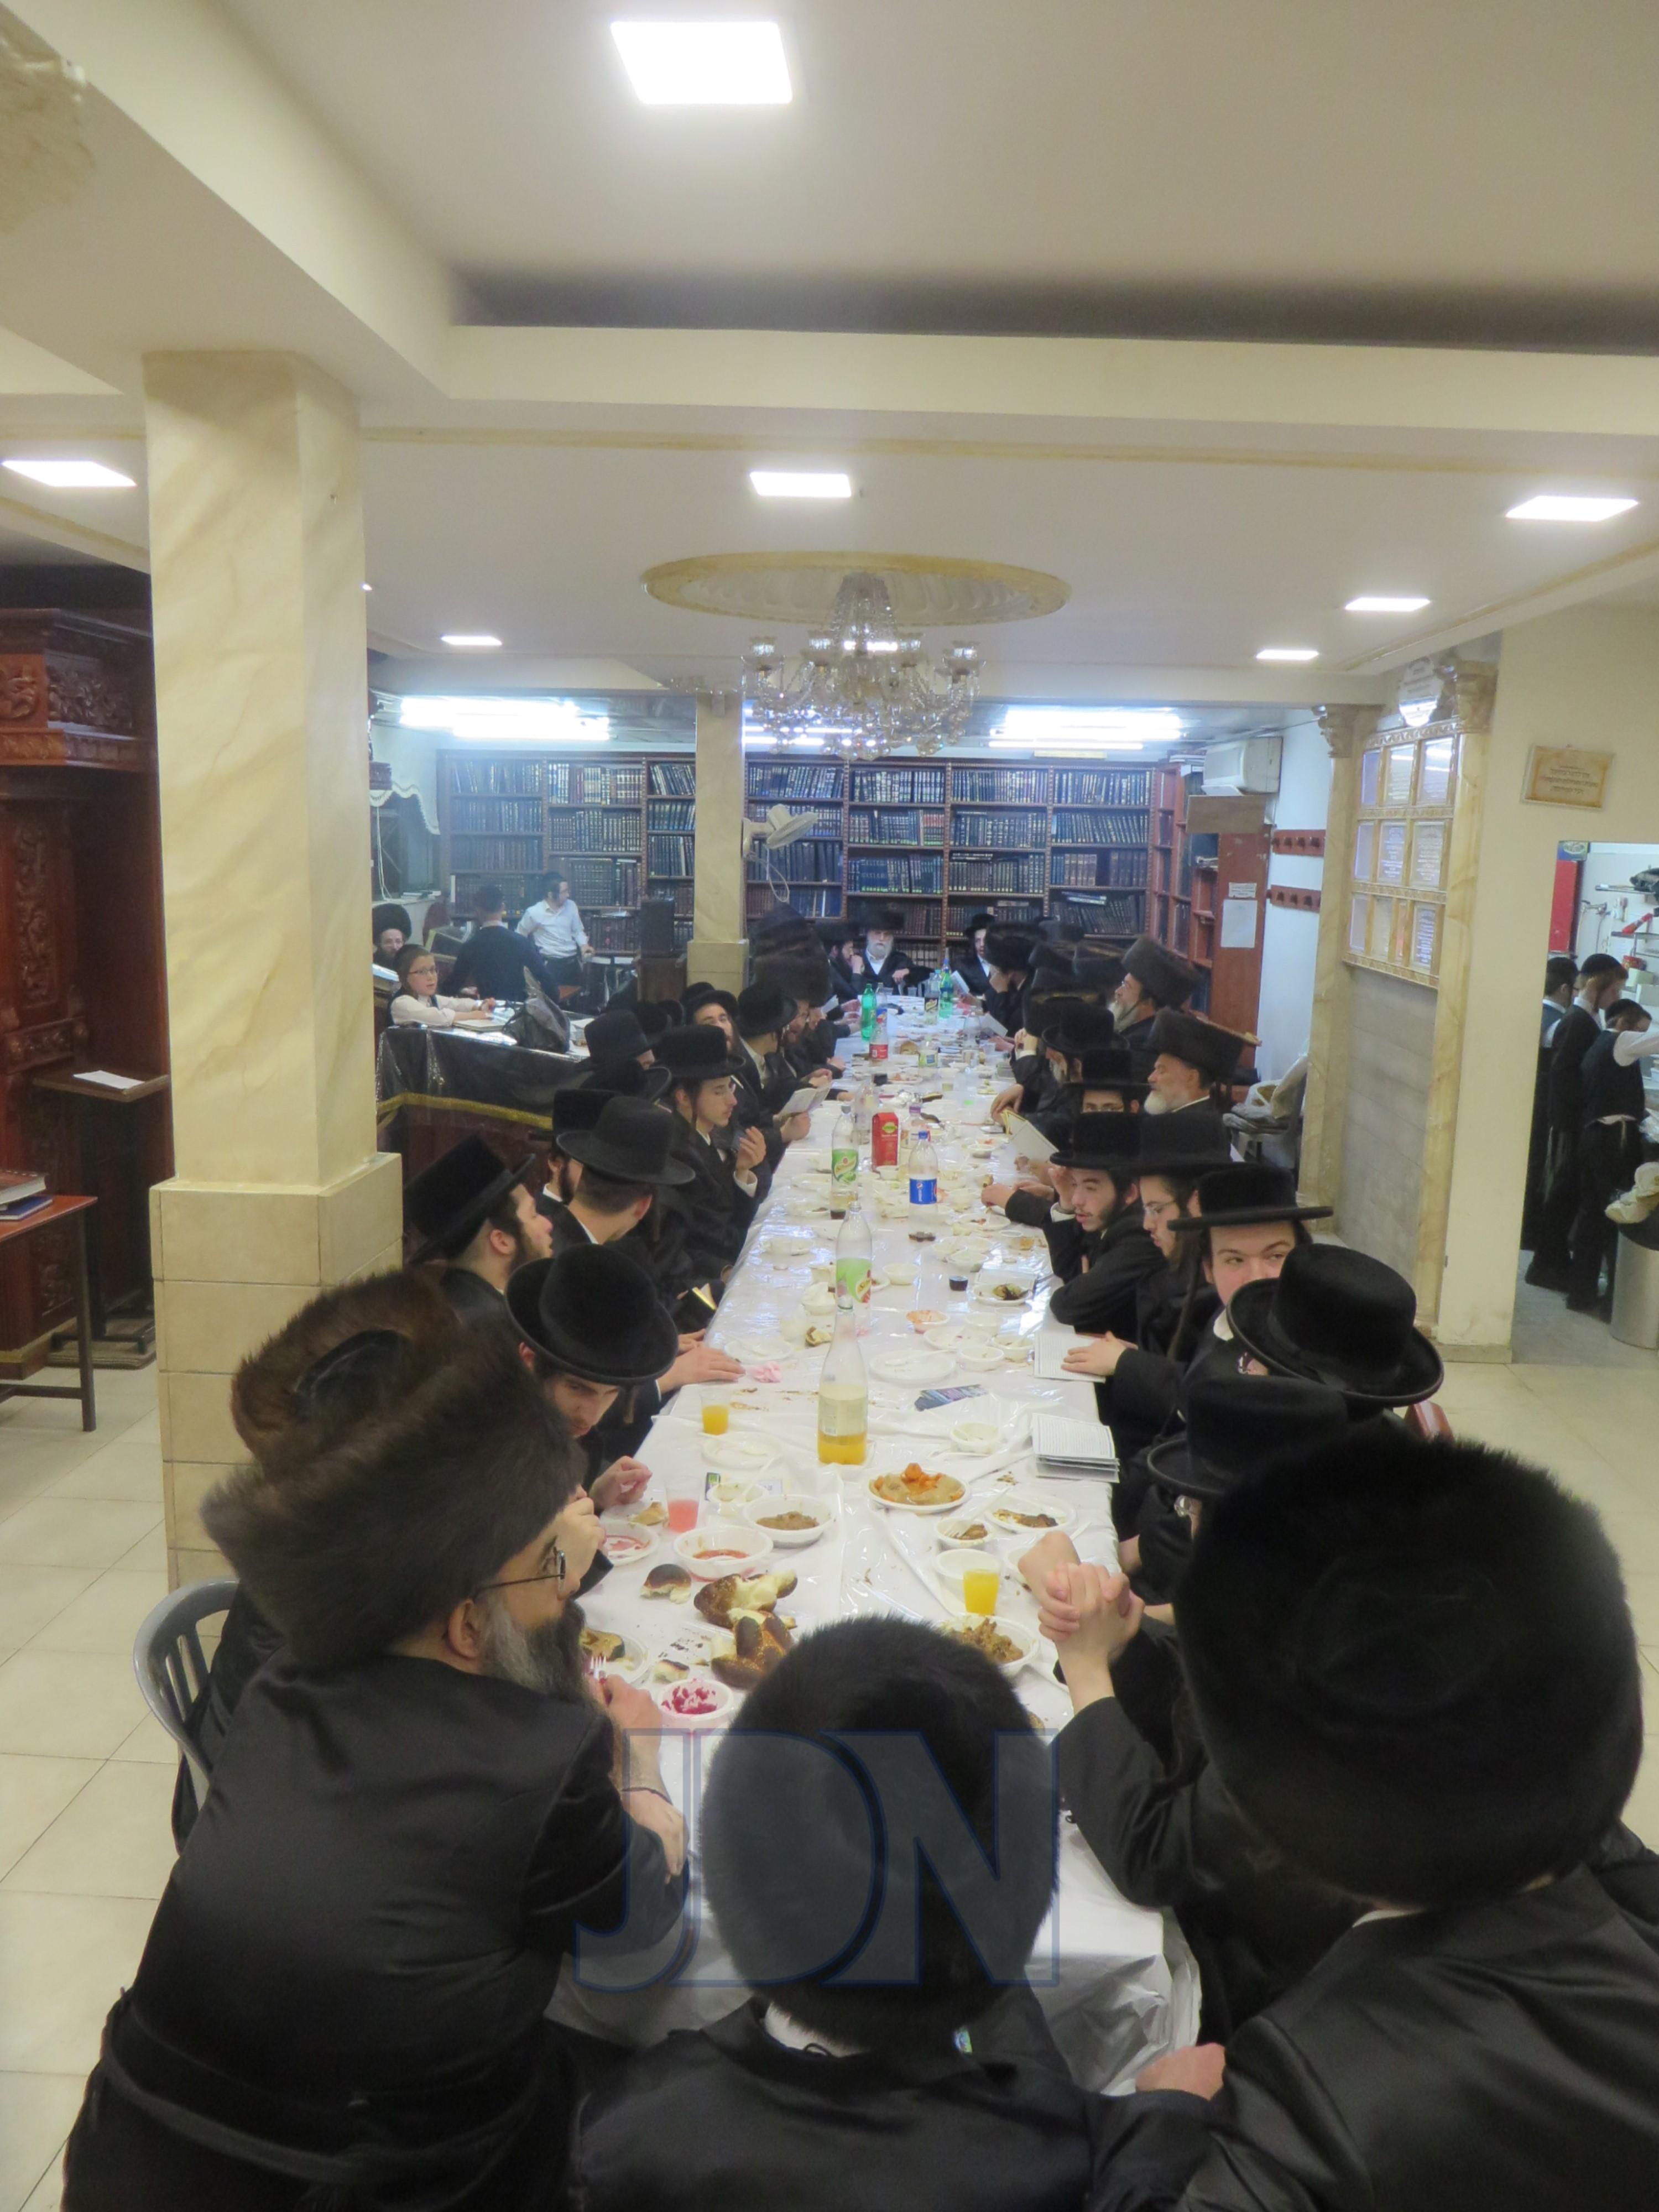 """סעודת מלוה מלכה בקאלאשיץ לרגל היארצייט של האדמו״ר הרה""""ק רבי יענקאלע מפשעווארסק זי""""ע"""